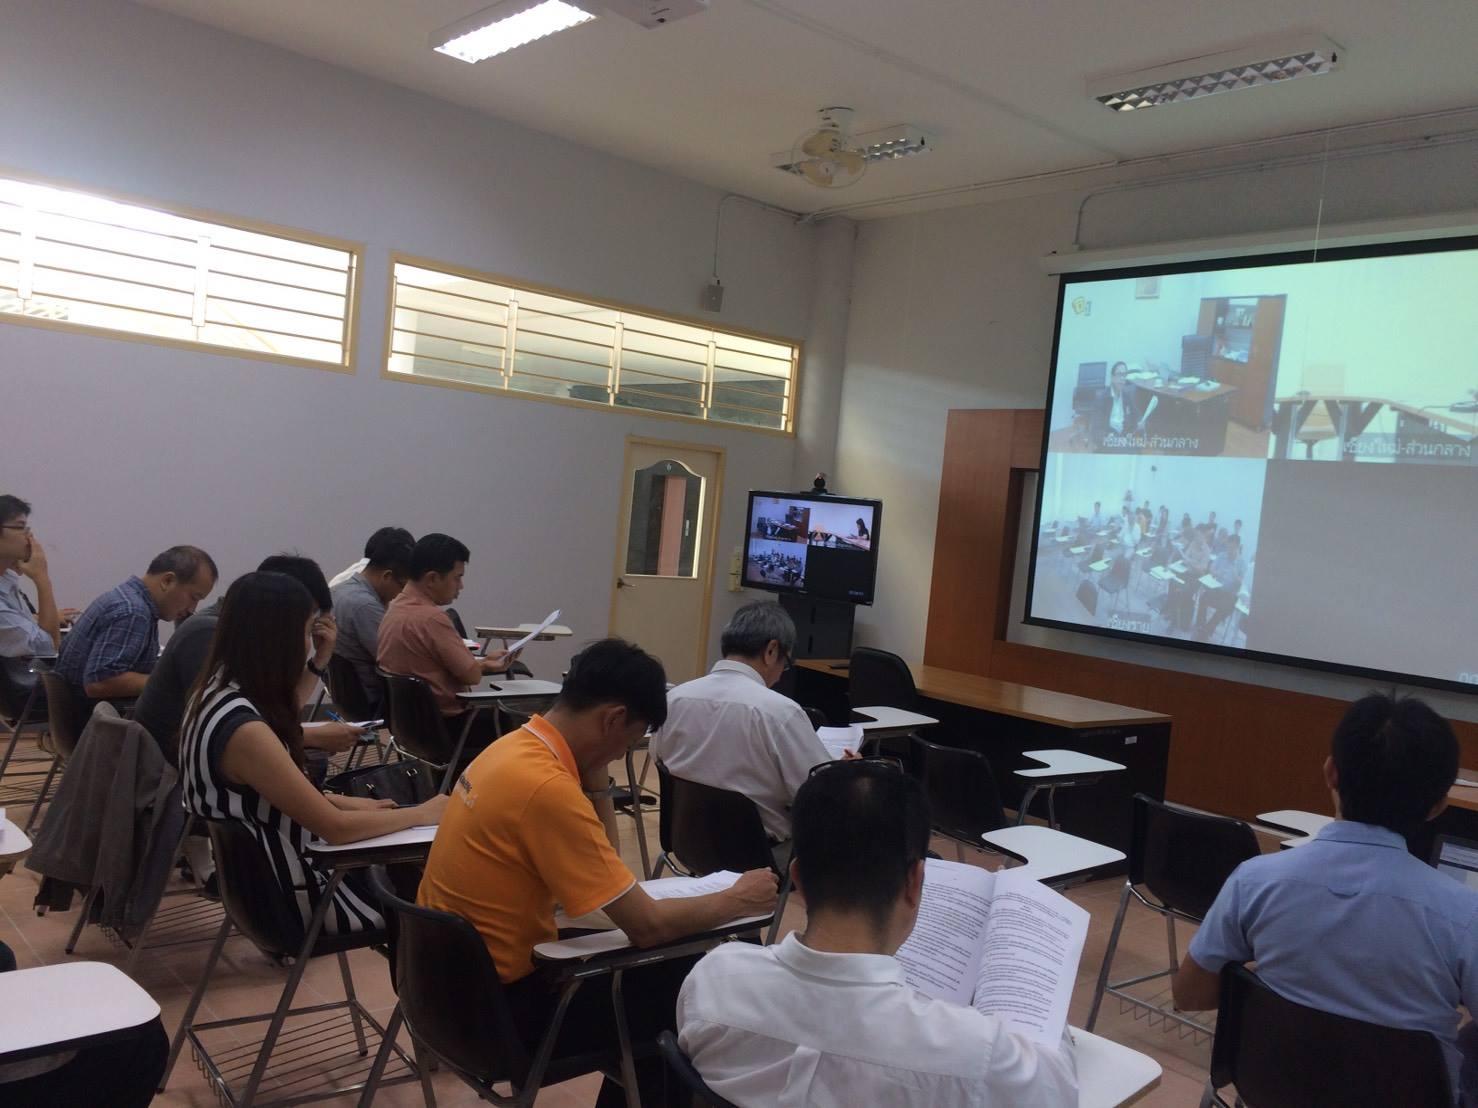 อาจารย์สาขาวิศวกรรมไฟฟ้าและสาขาวิศวกรรมและเทคโนโลยี ประชุมเพื่อกำหนดวิธีการคัดเลือกหัวหน้าสาขา